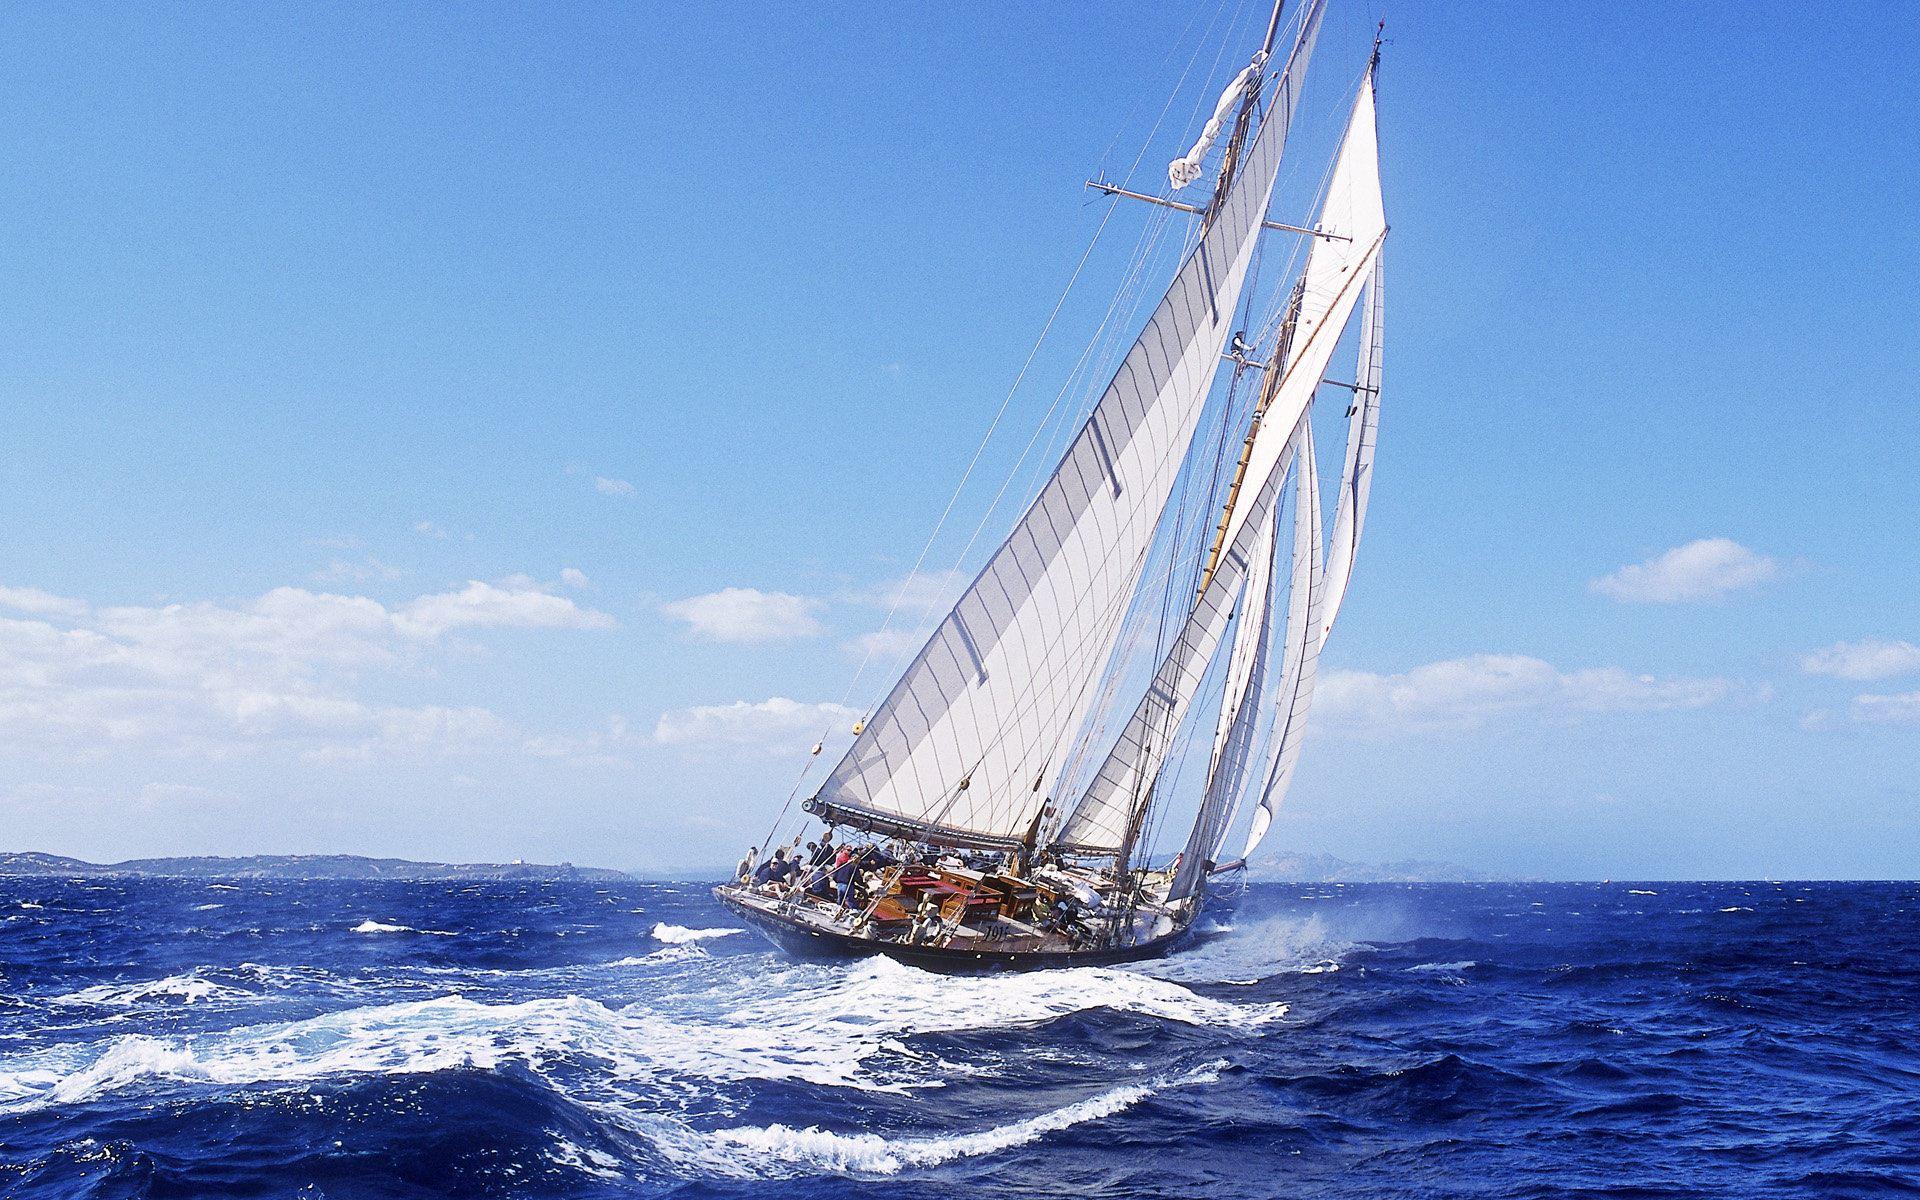 帆船起航 背景图片大全